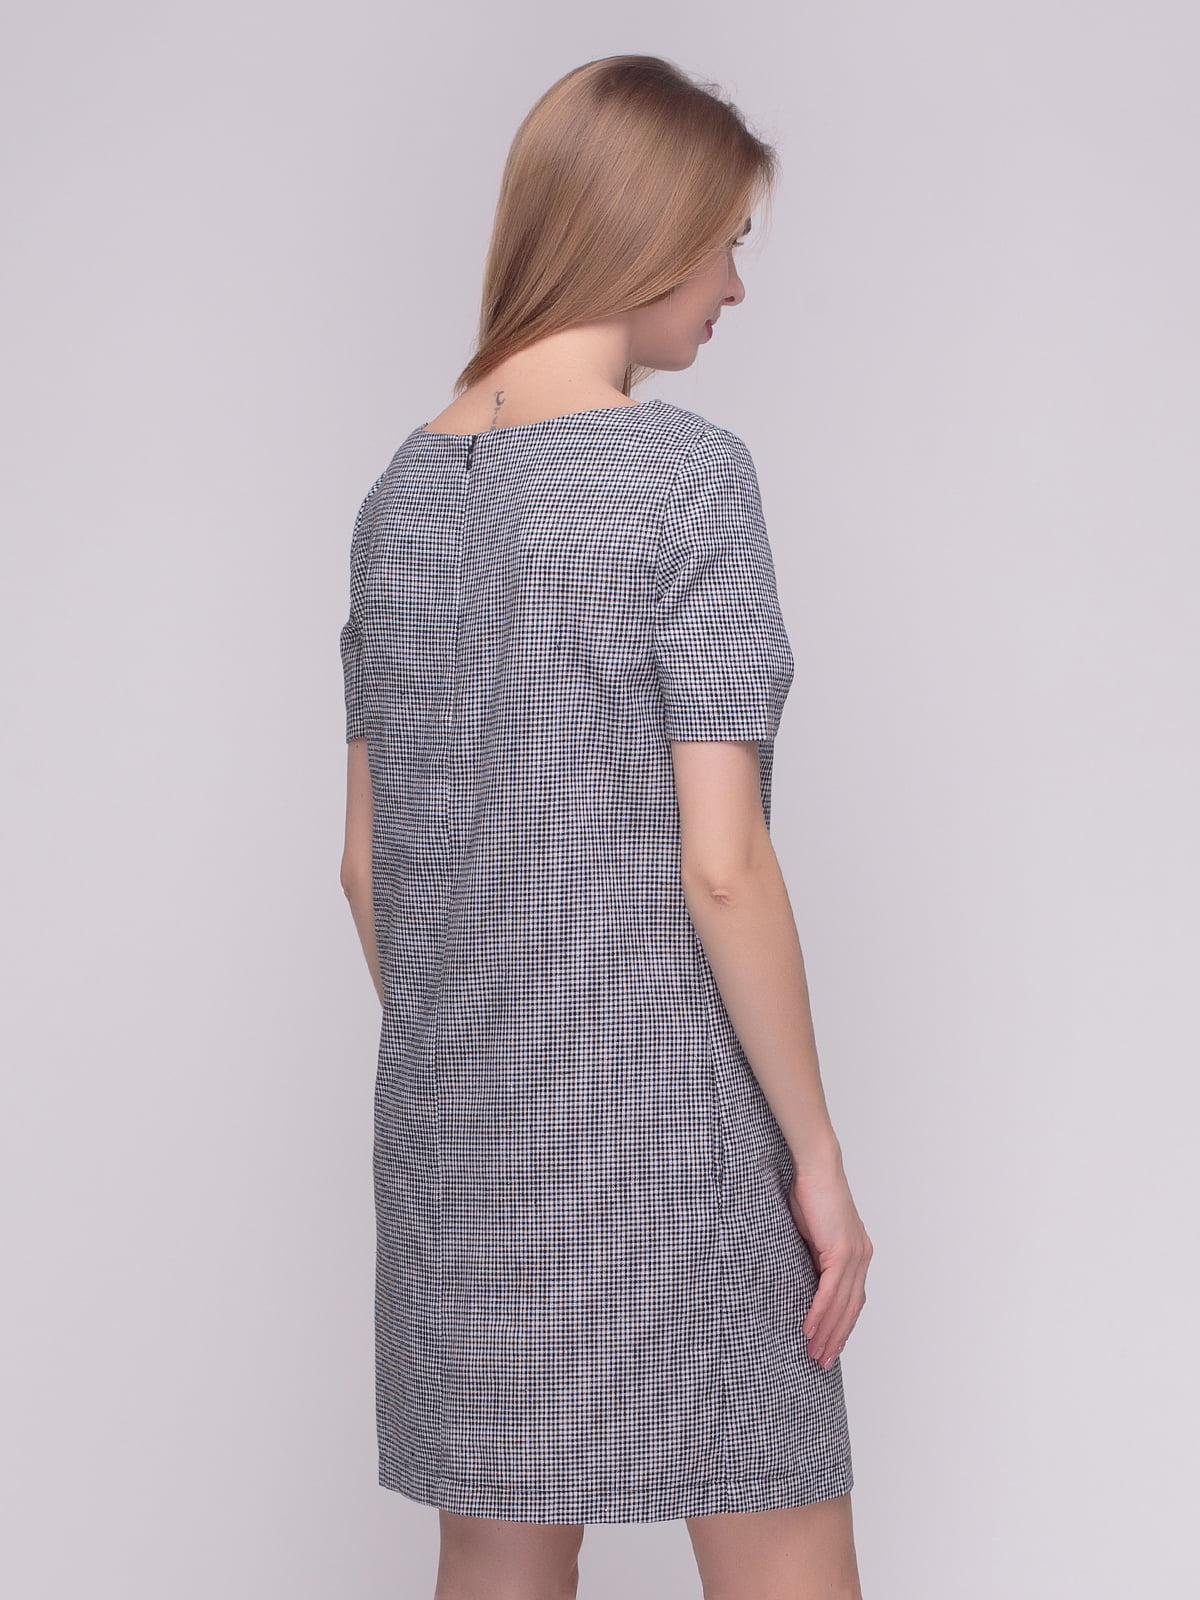 Сукня чорно-біла в клітинку | 4210219 | фото 2